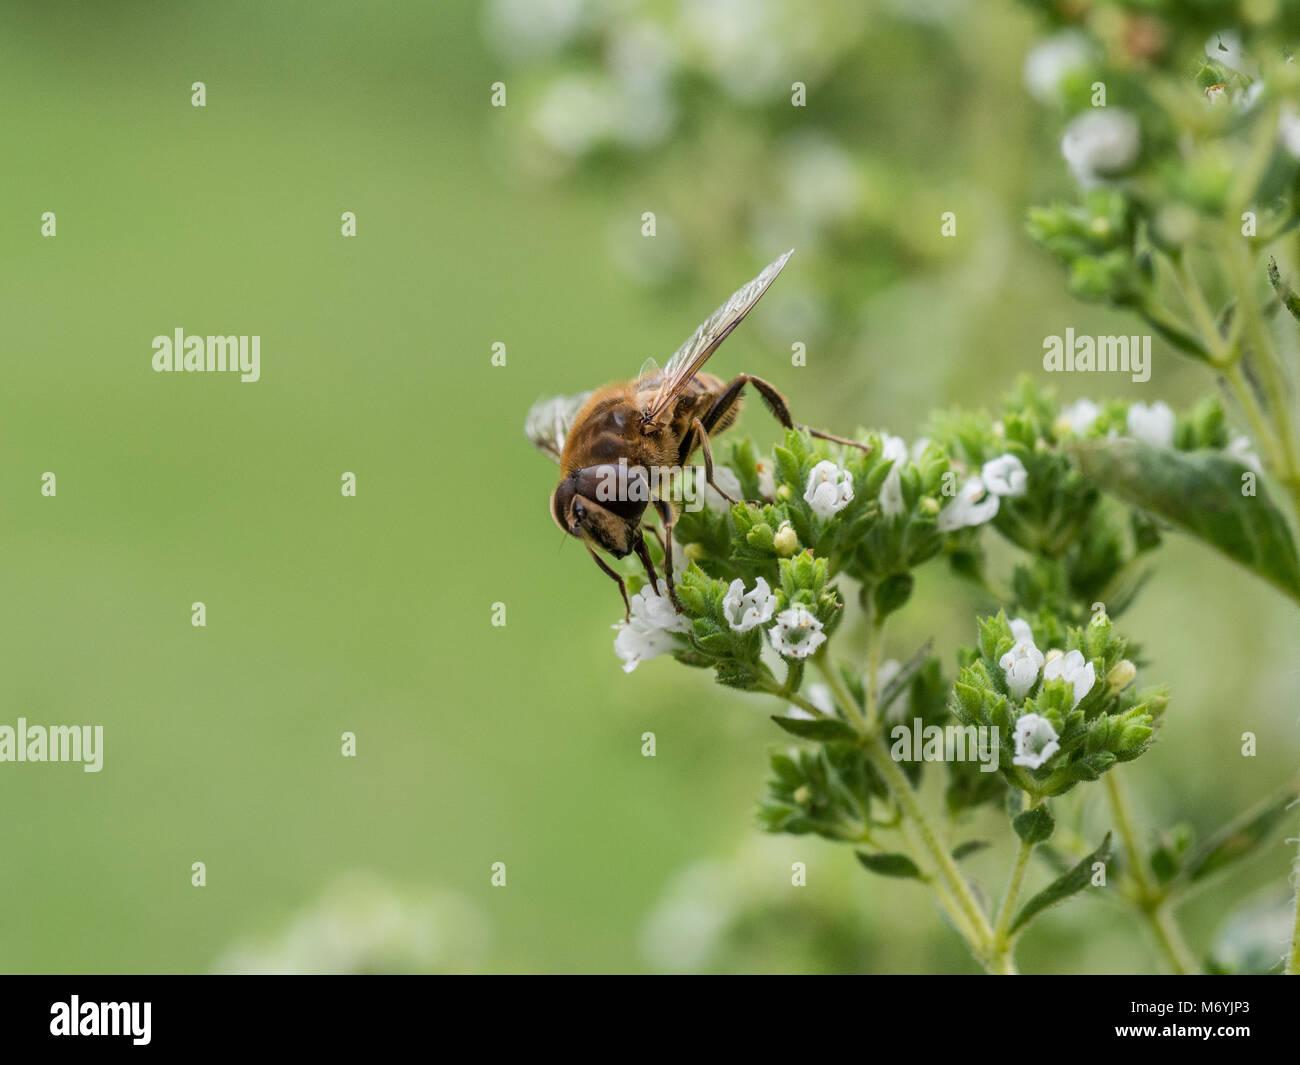 Cerca de una minería comunal alimentarse de una abeja Origanum flor Foto de stock